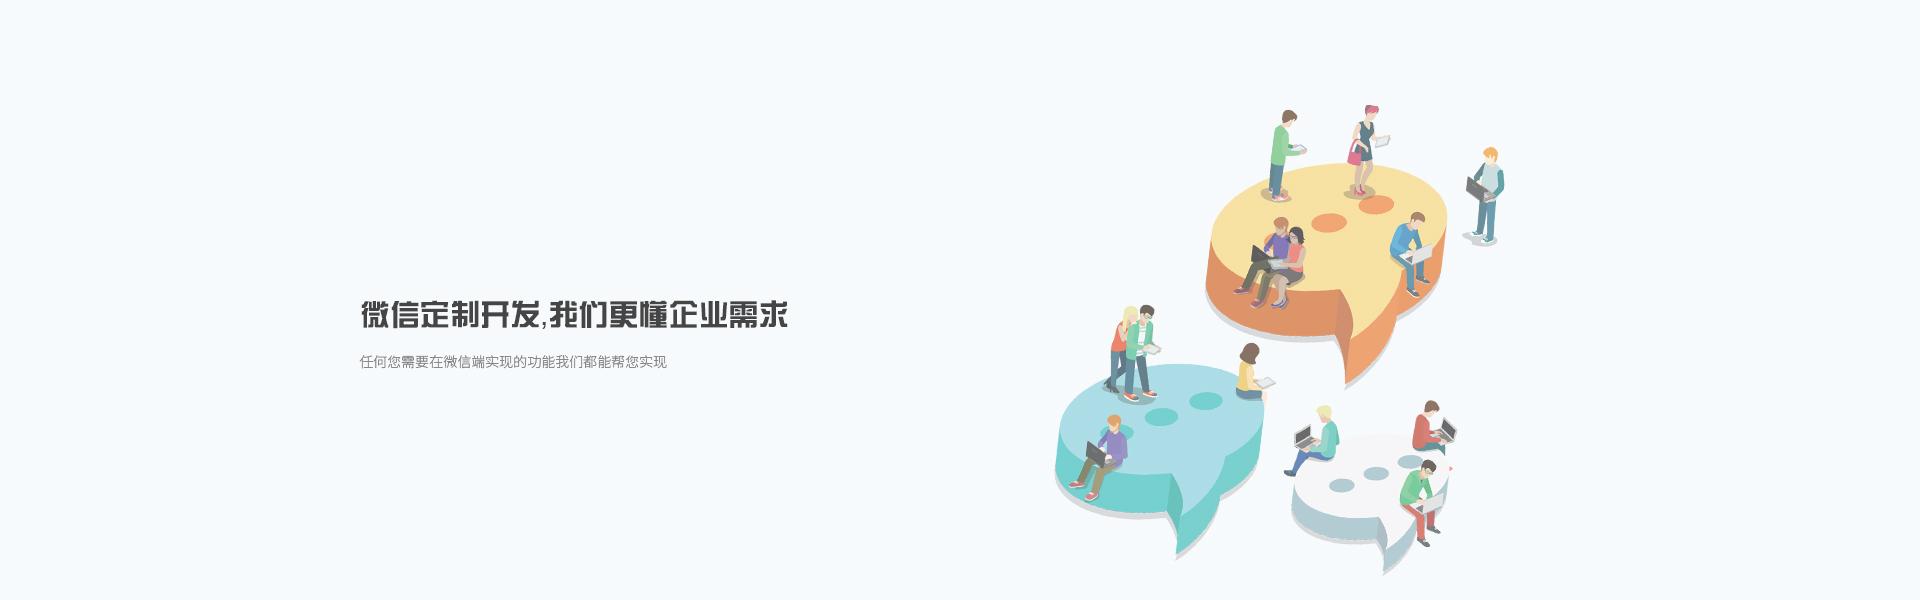 雷竞技注册网络推广公司